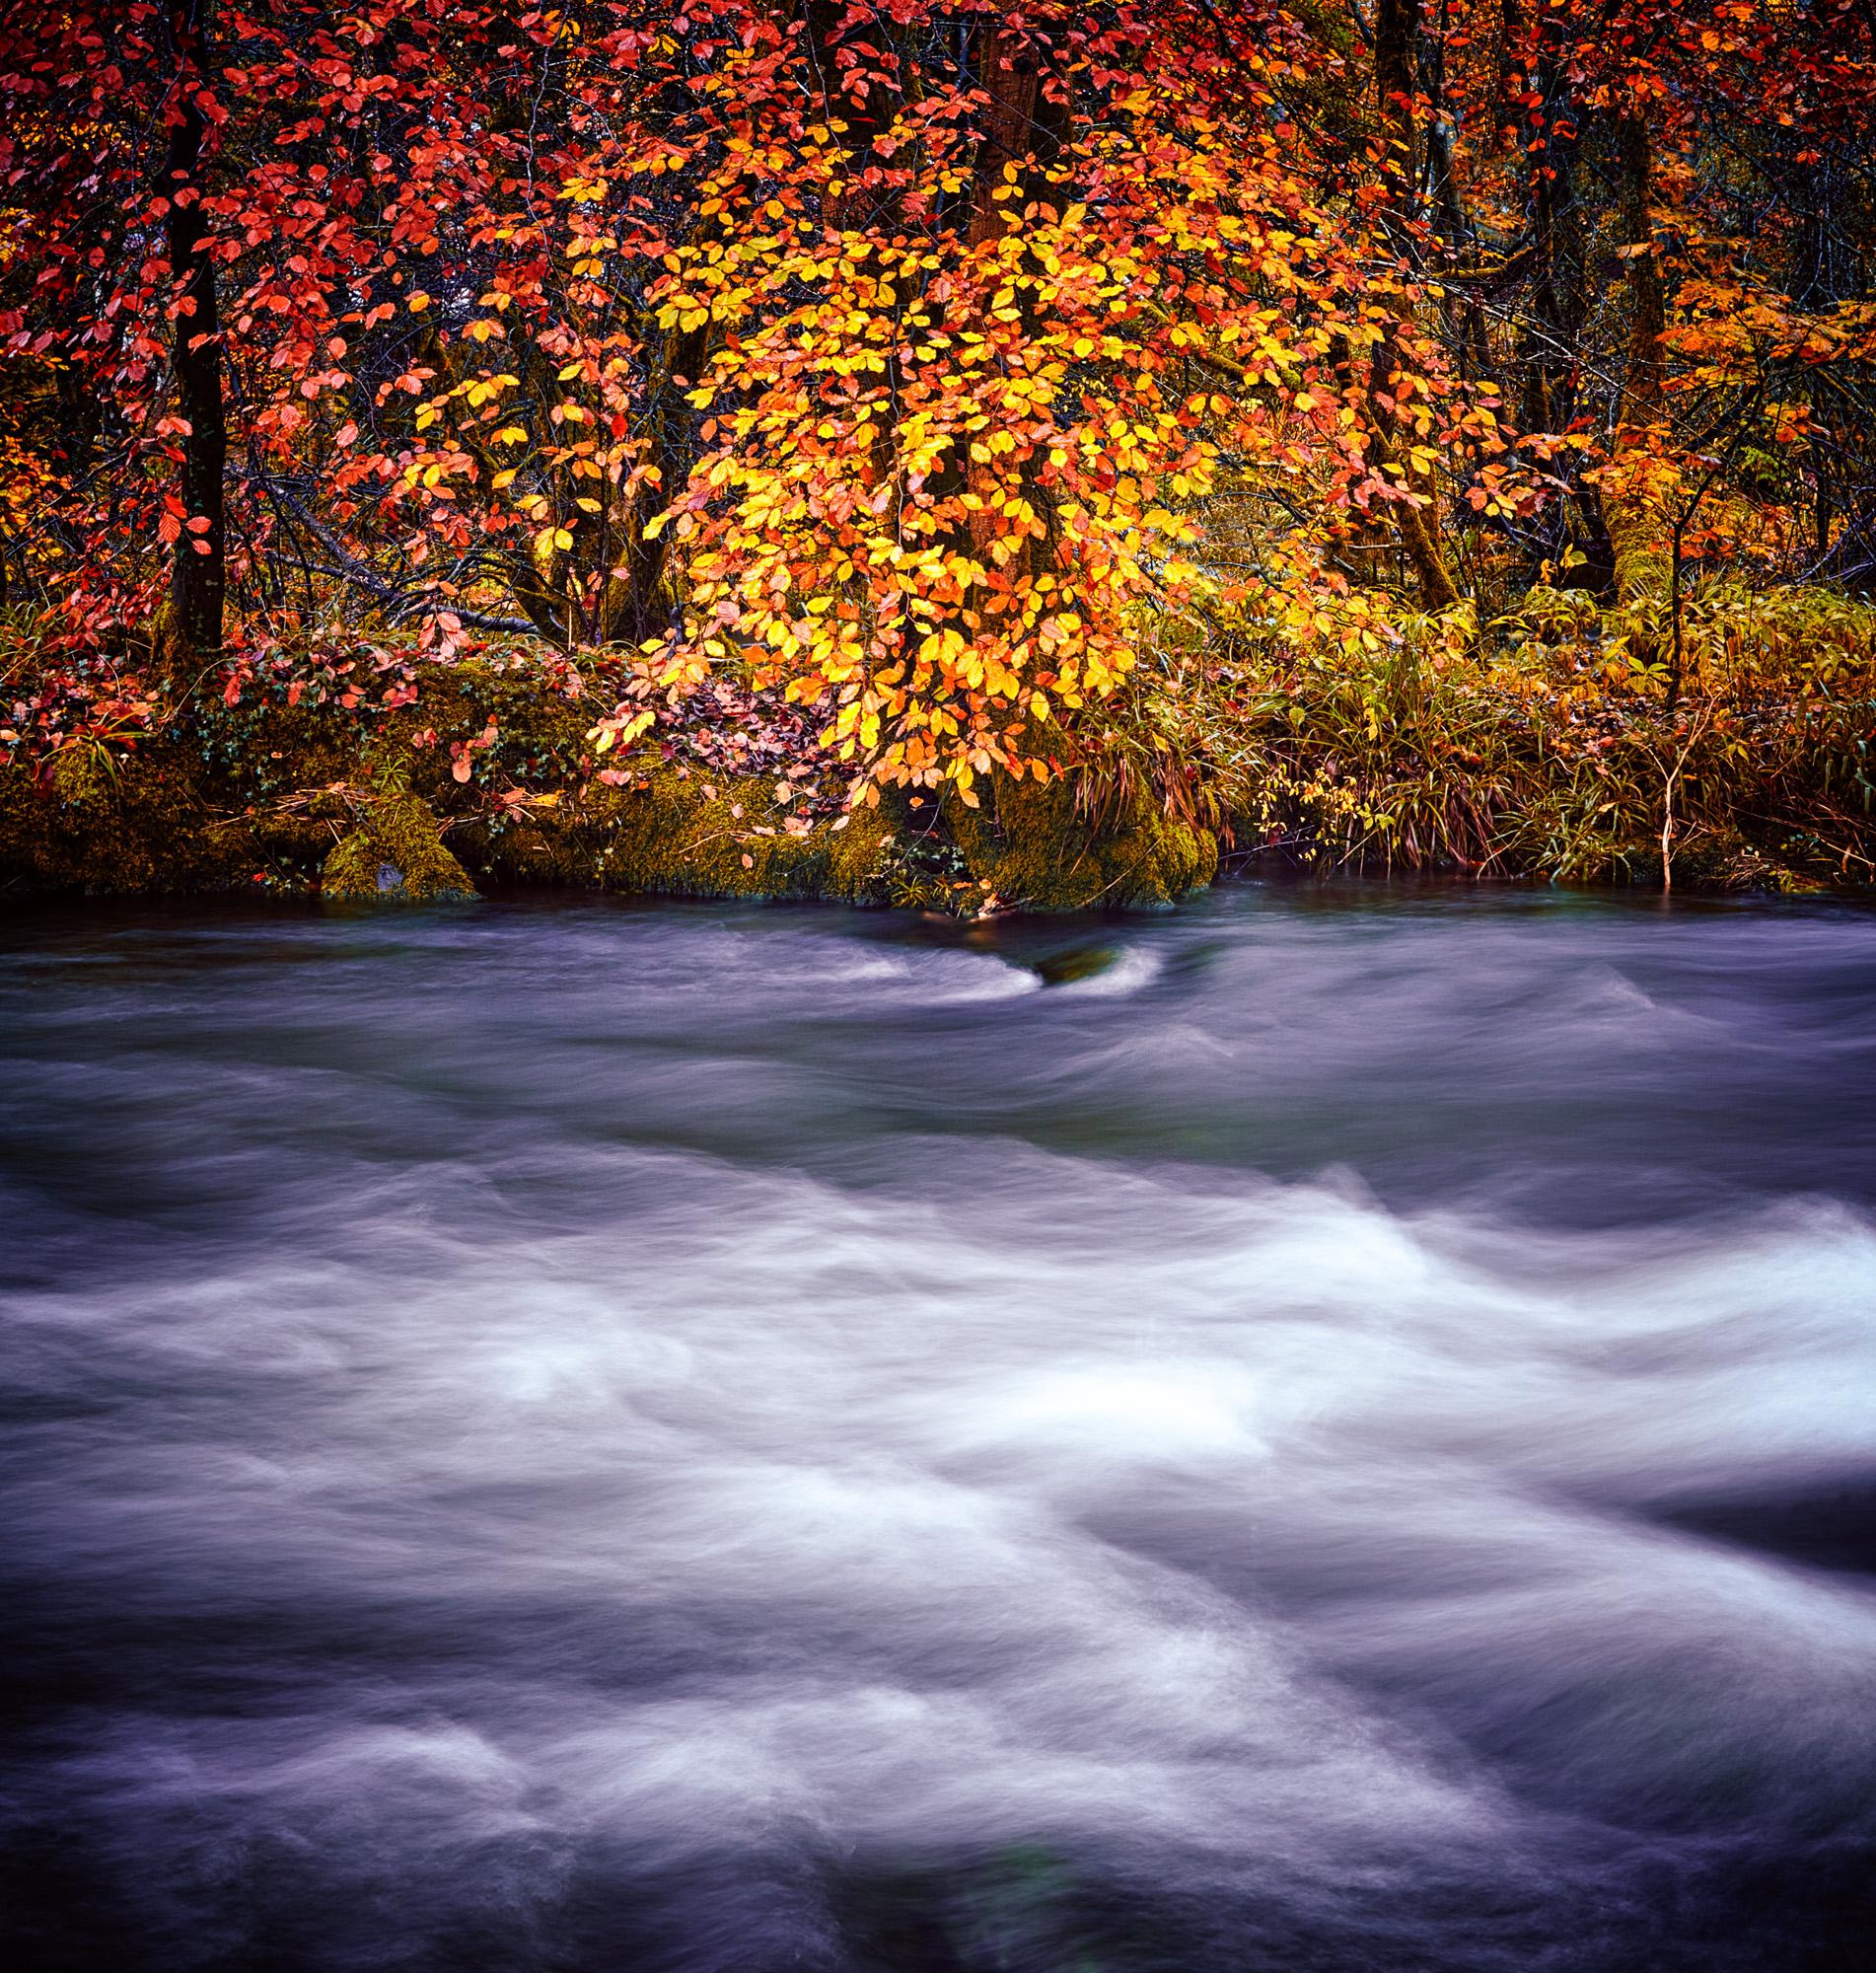 201510_Lake District_Stuart McMillan Photography_002.jpg